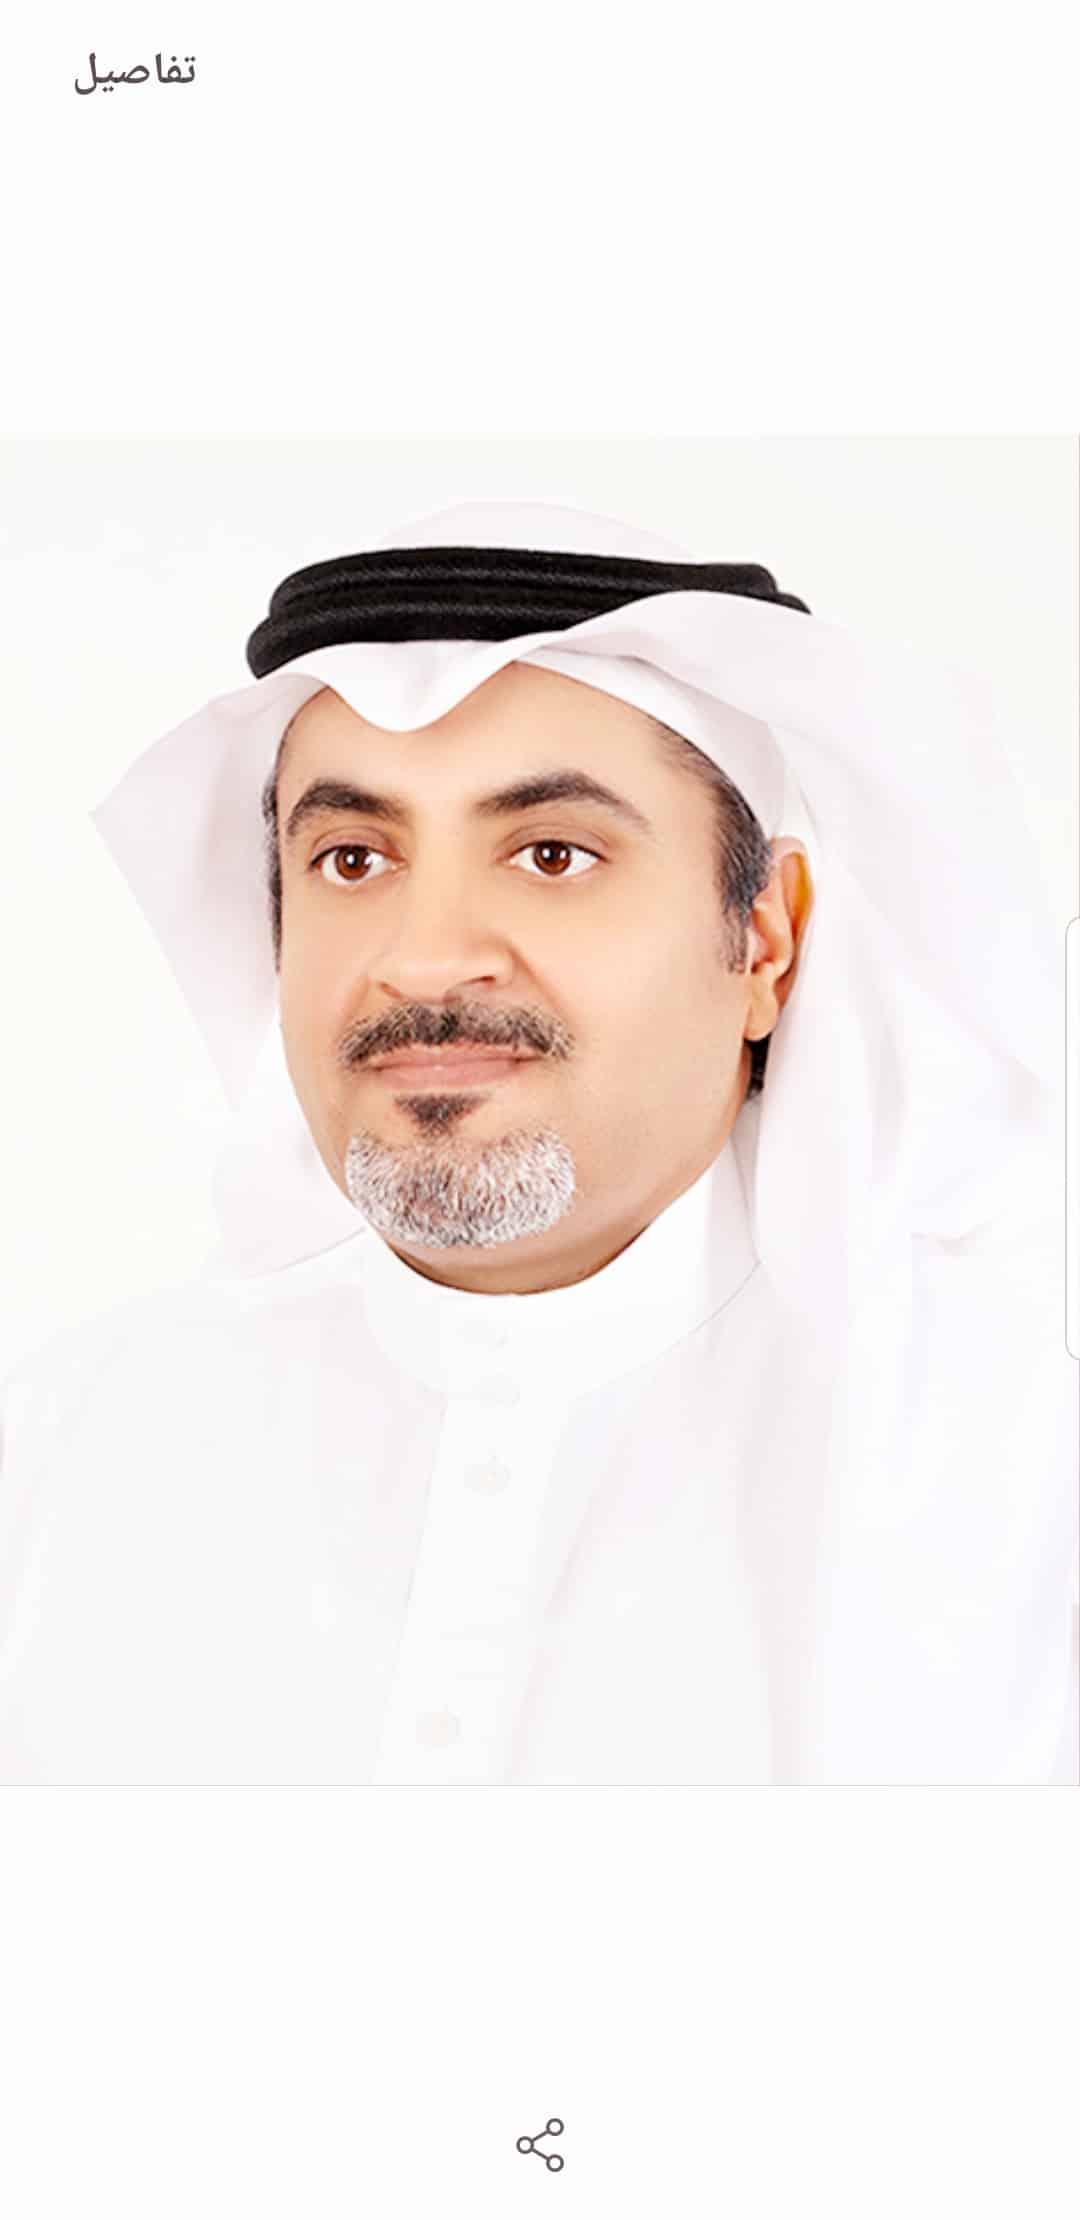 د. خالد بن حسين العسيري